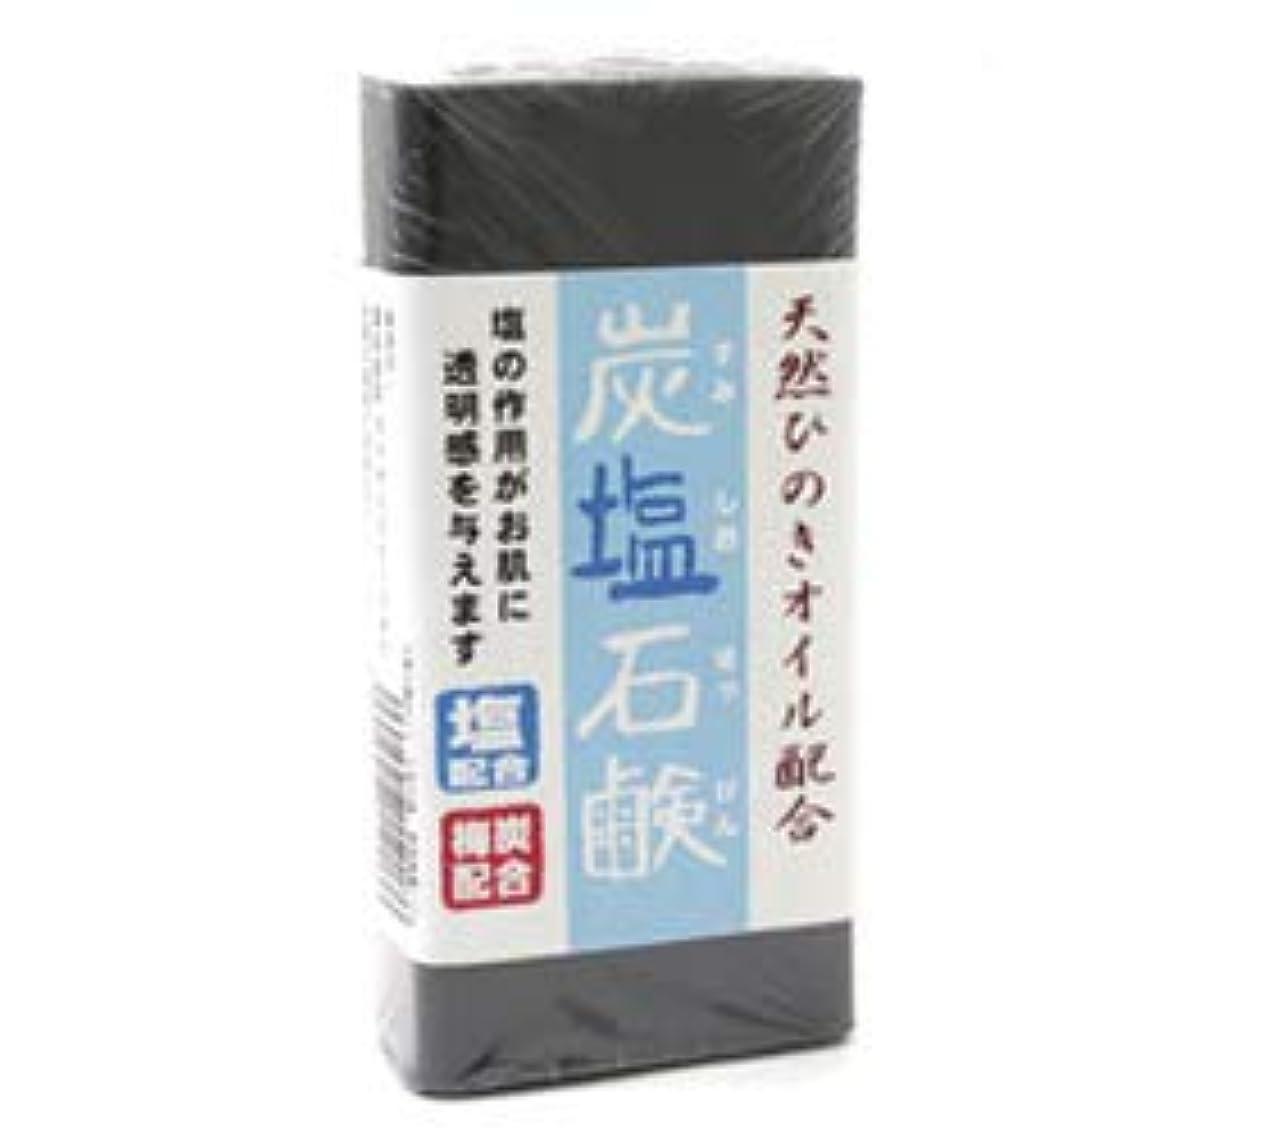 記事ライブ顕現炭塩石鹸 ロングサイズ 【 天然ひのきオイル配合】